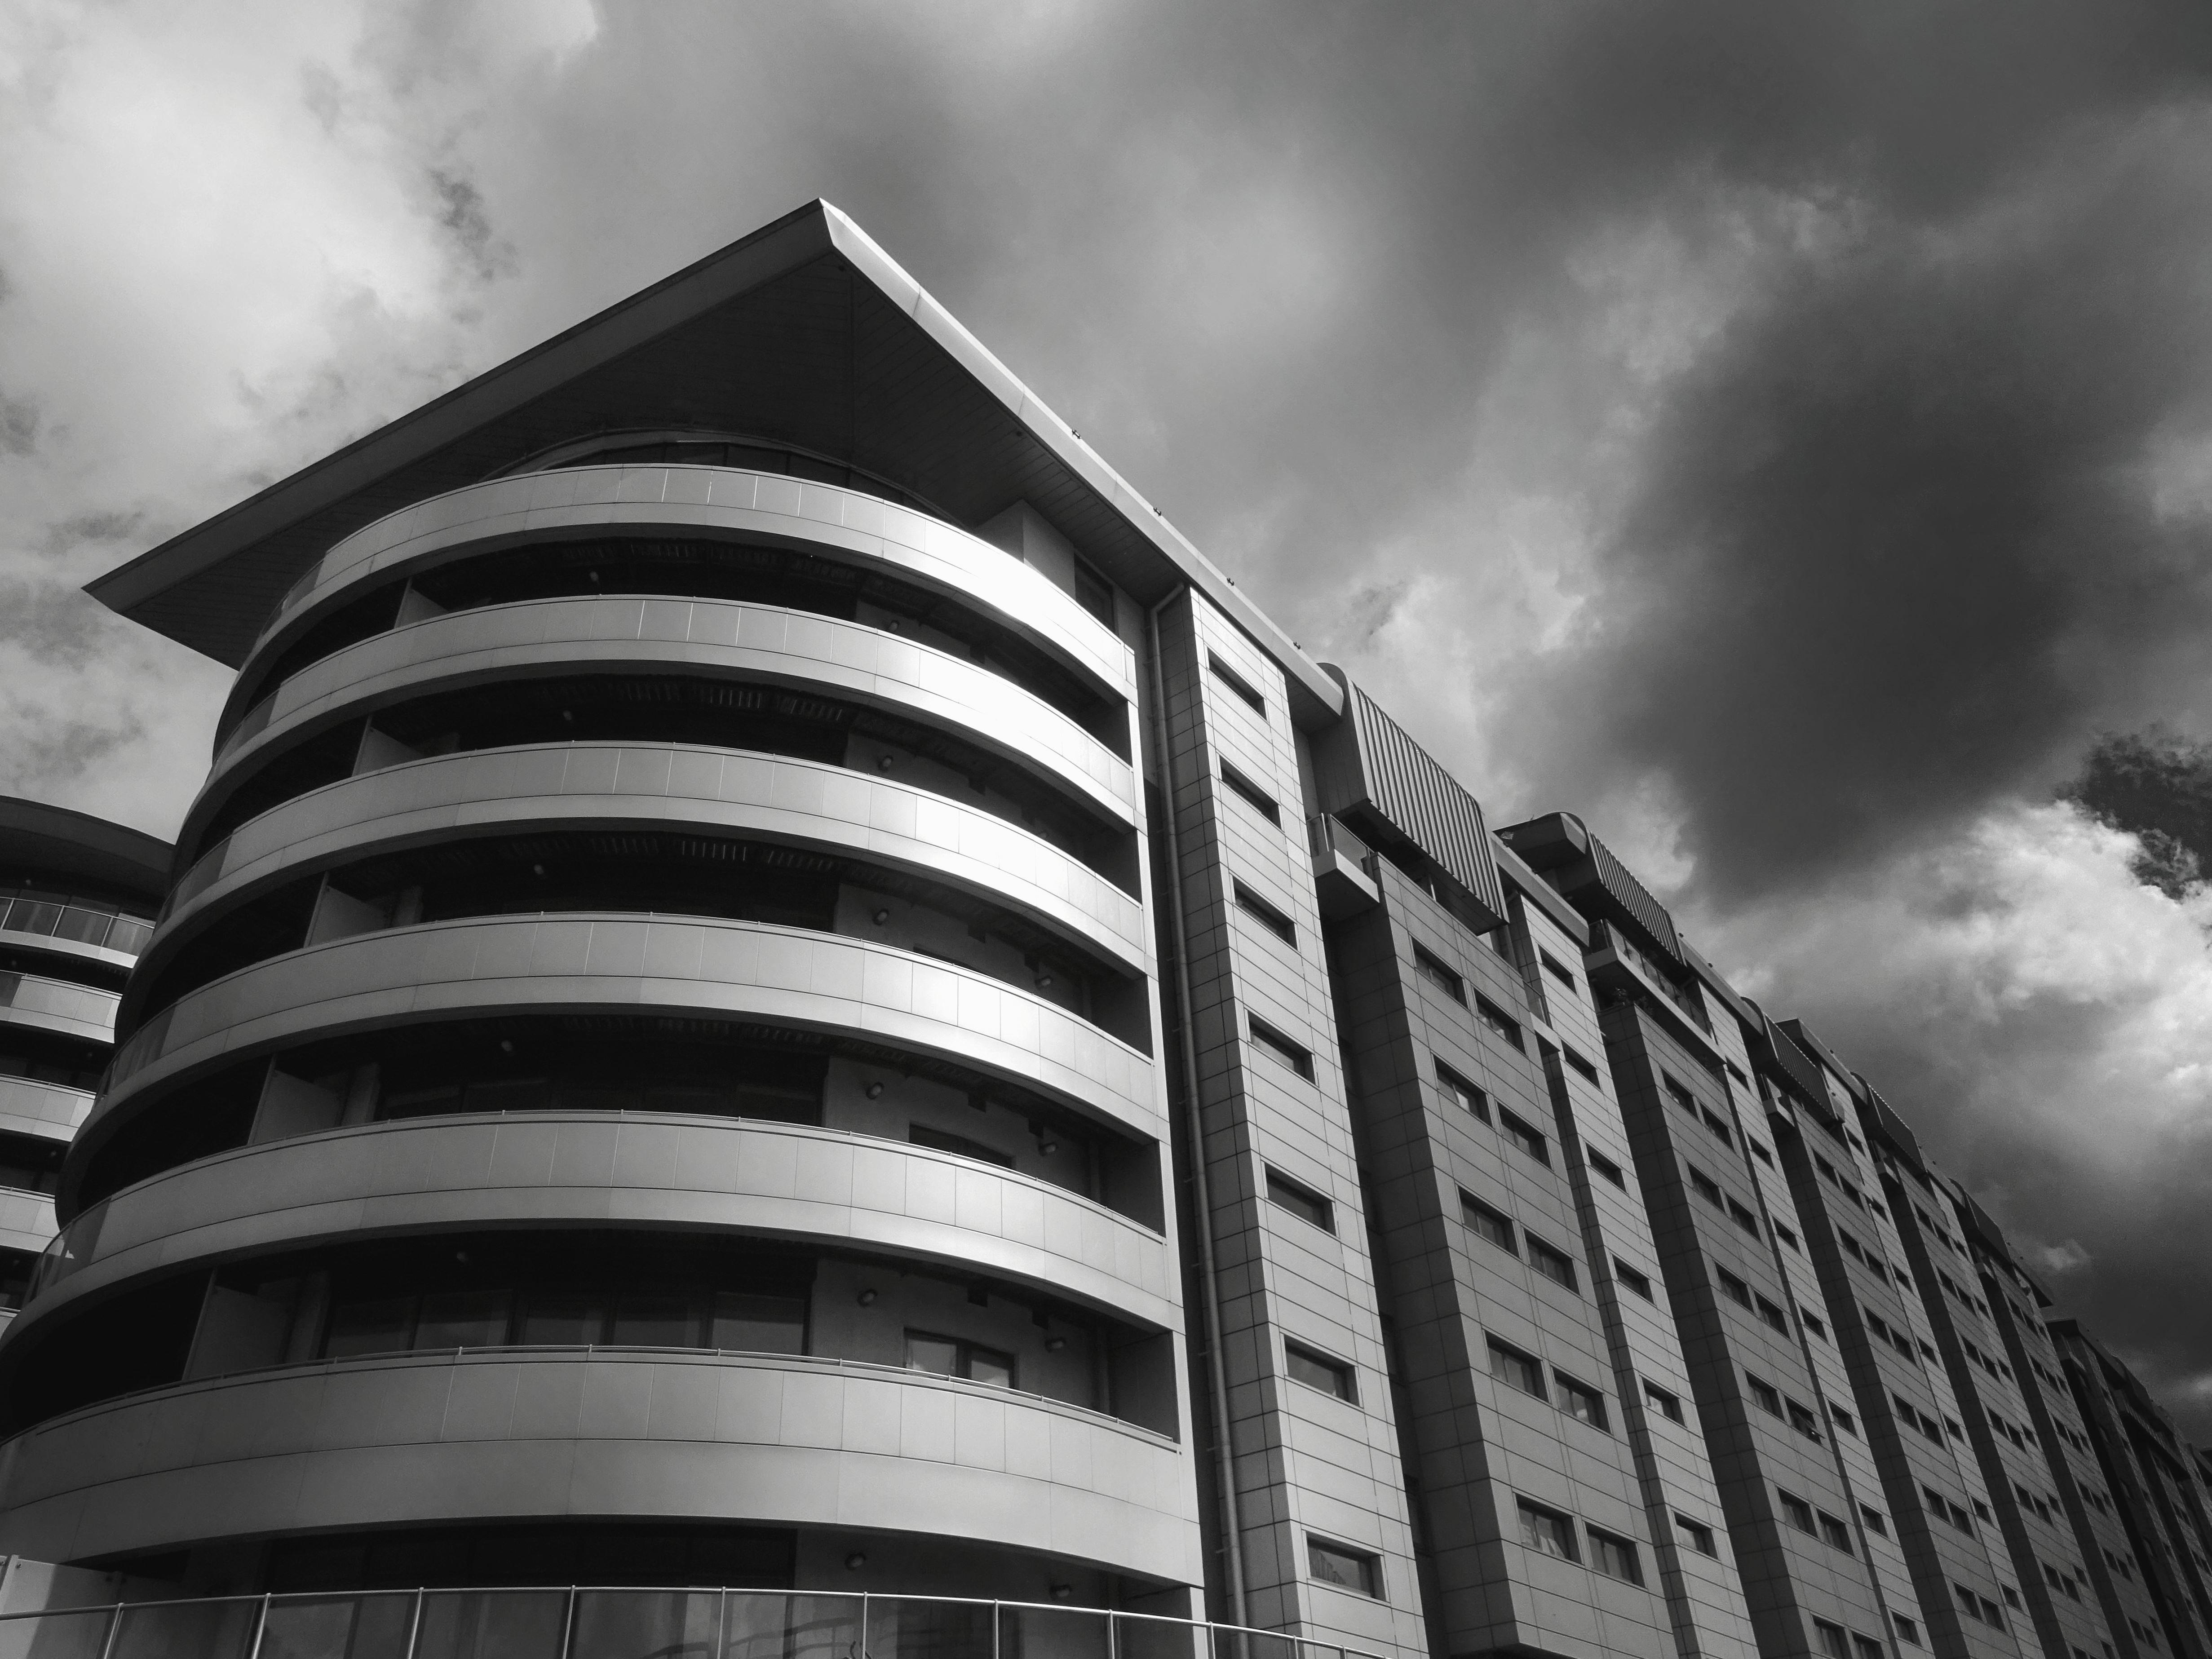 Singapore Wallpaper Hd Imagen Gratis Edificio Blanco Y Negro Complejo